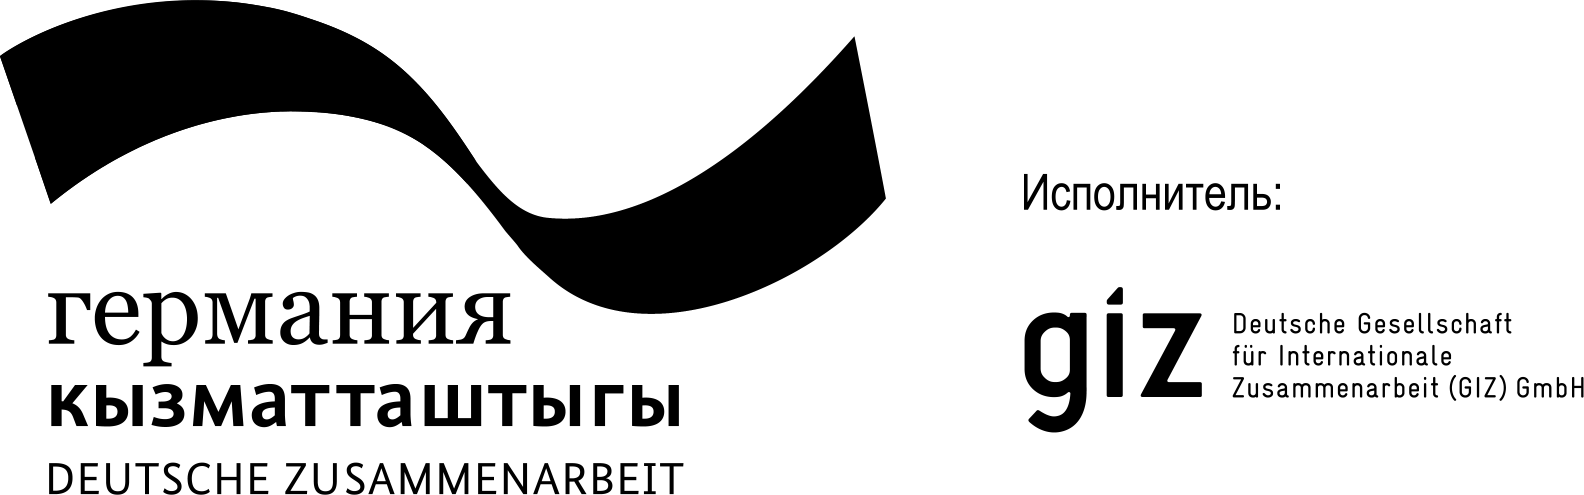 Финсабат